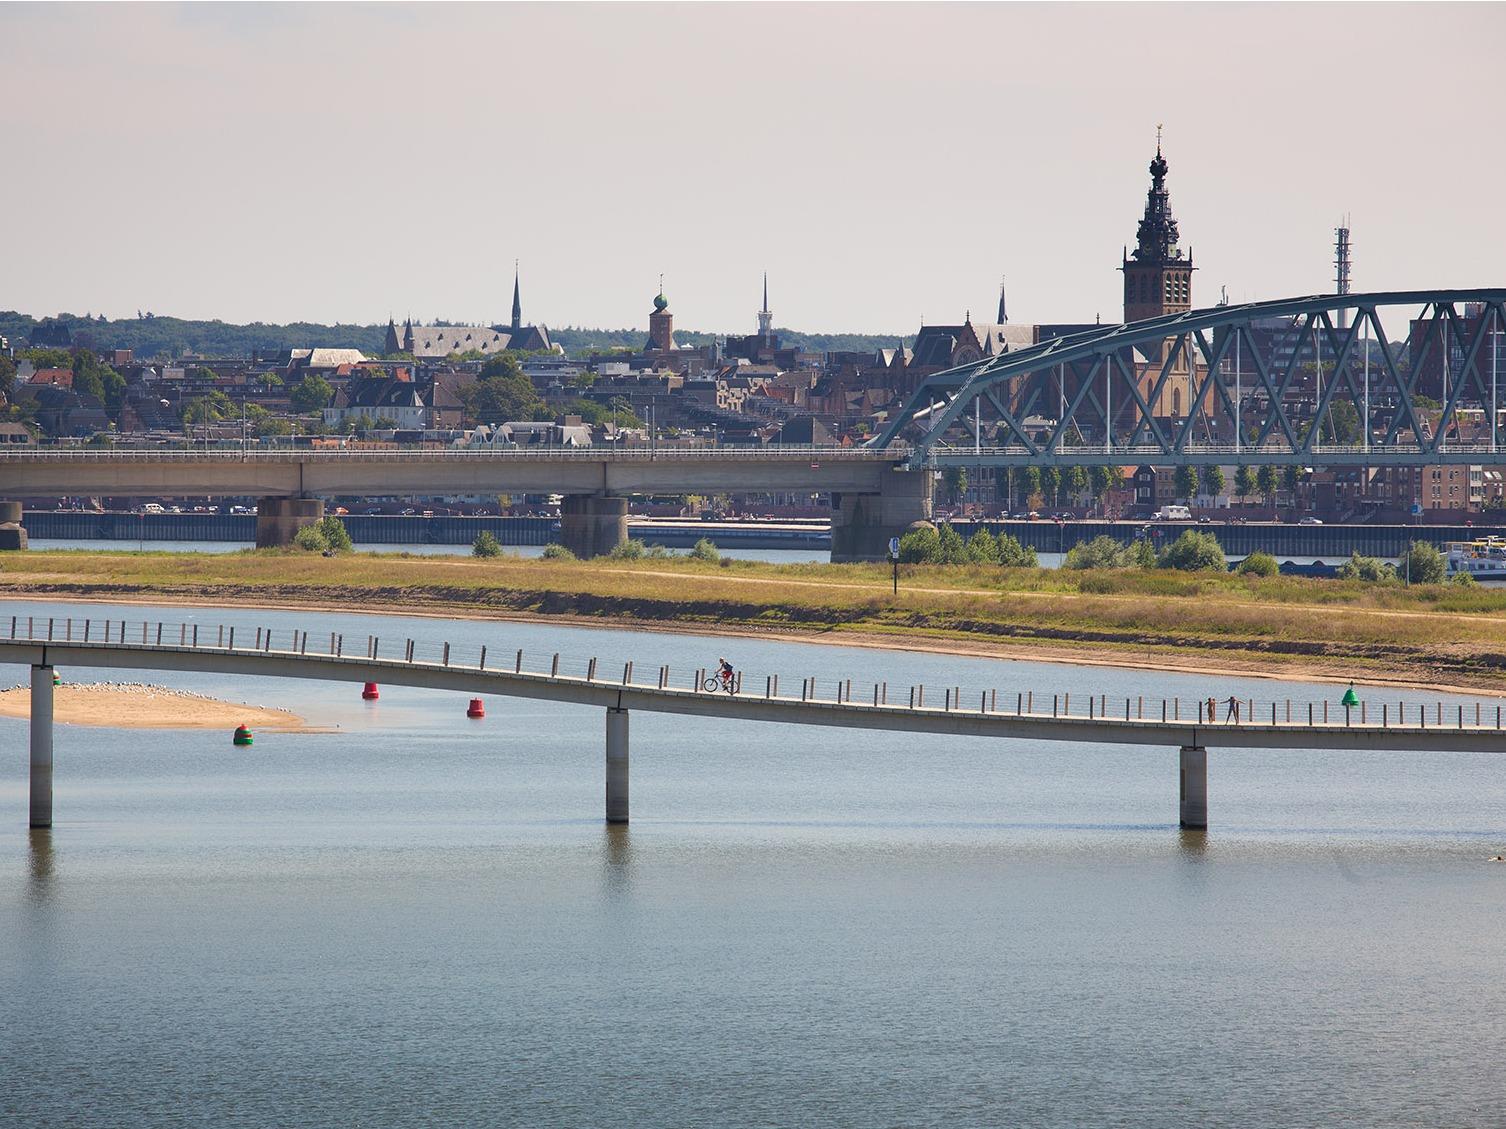 荷兰钢琴桥,漂浮于水面的桥